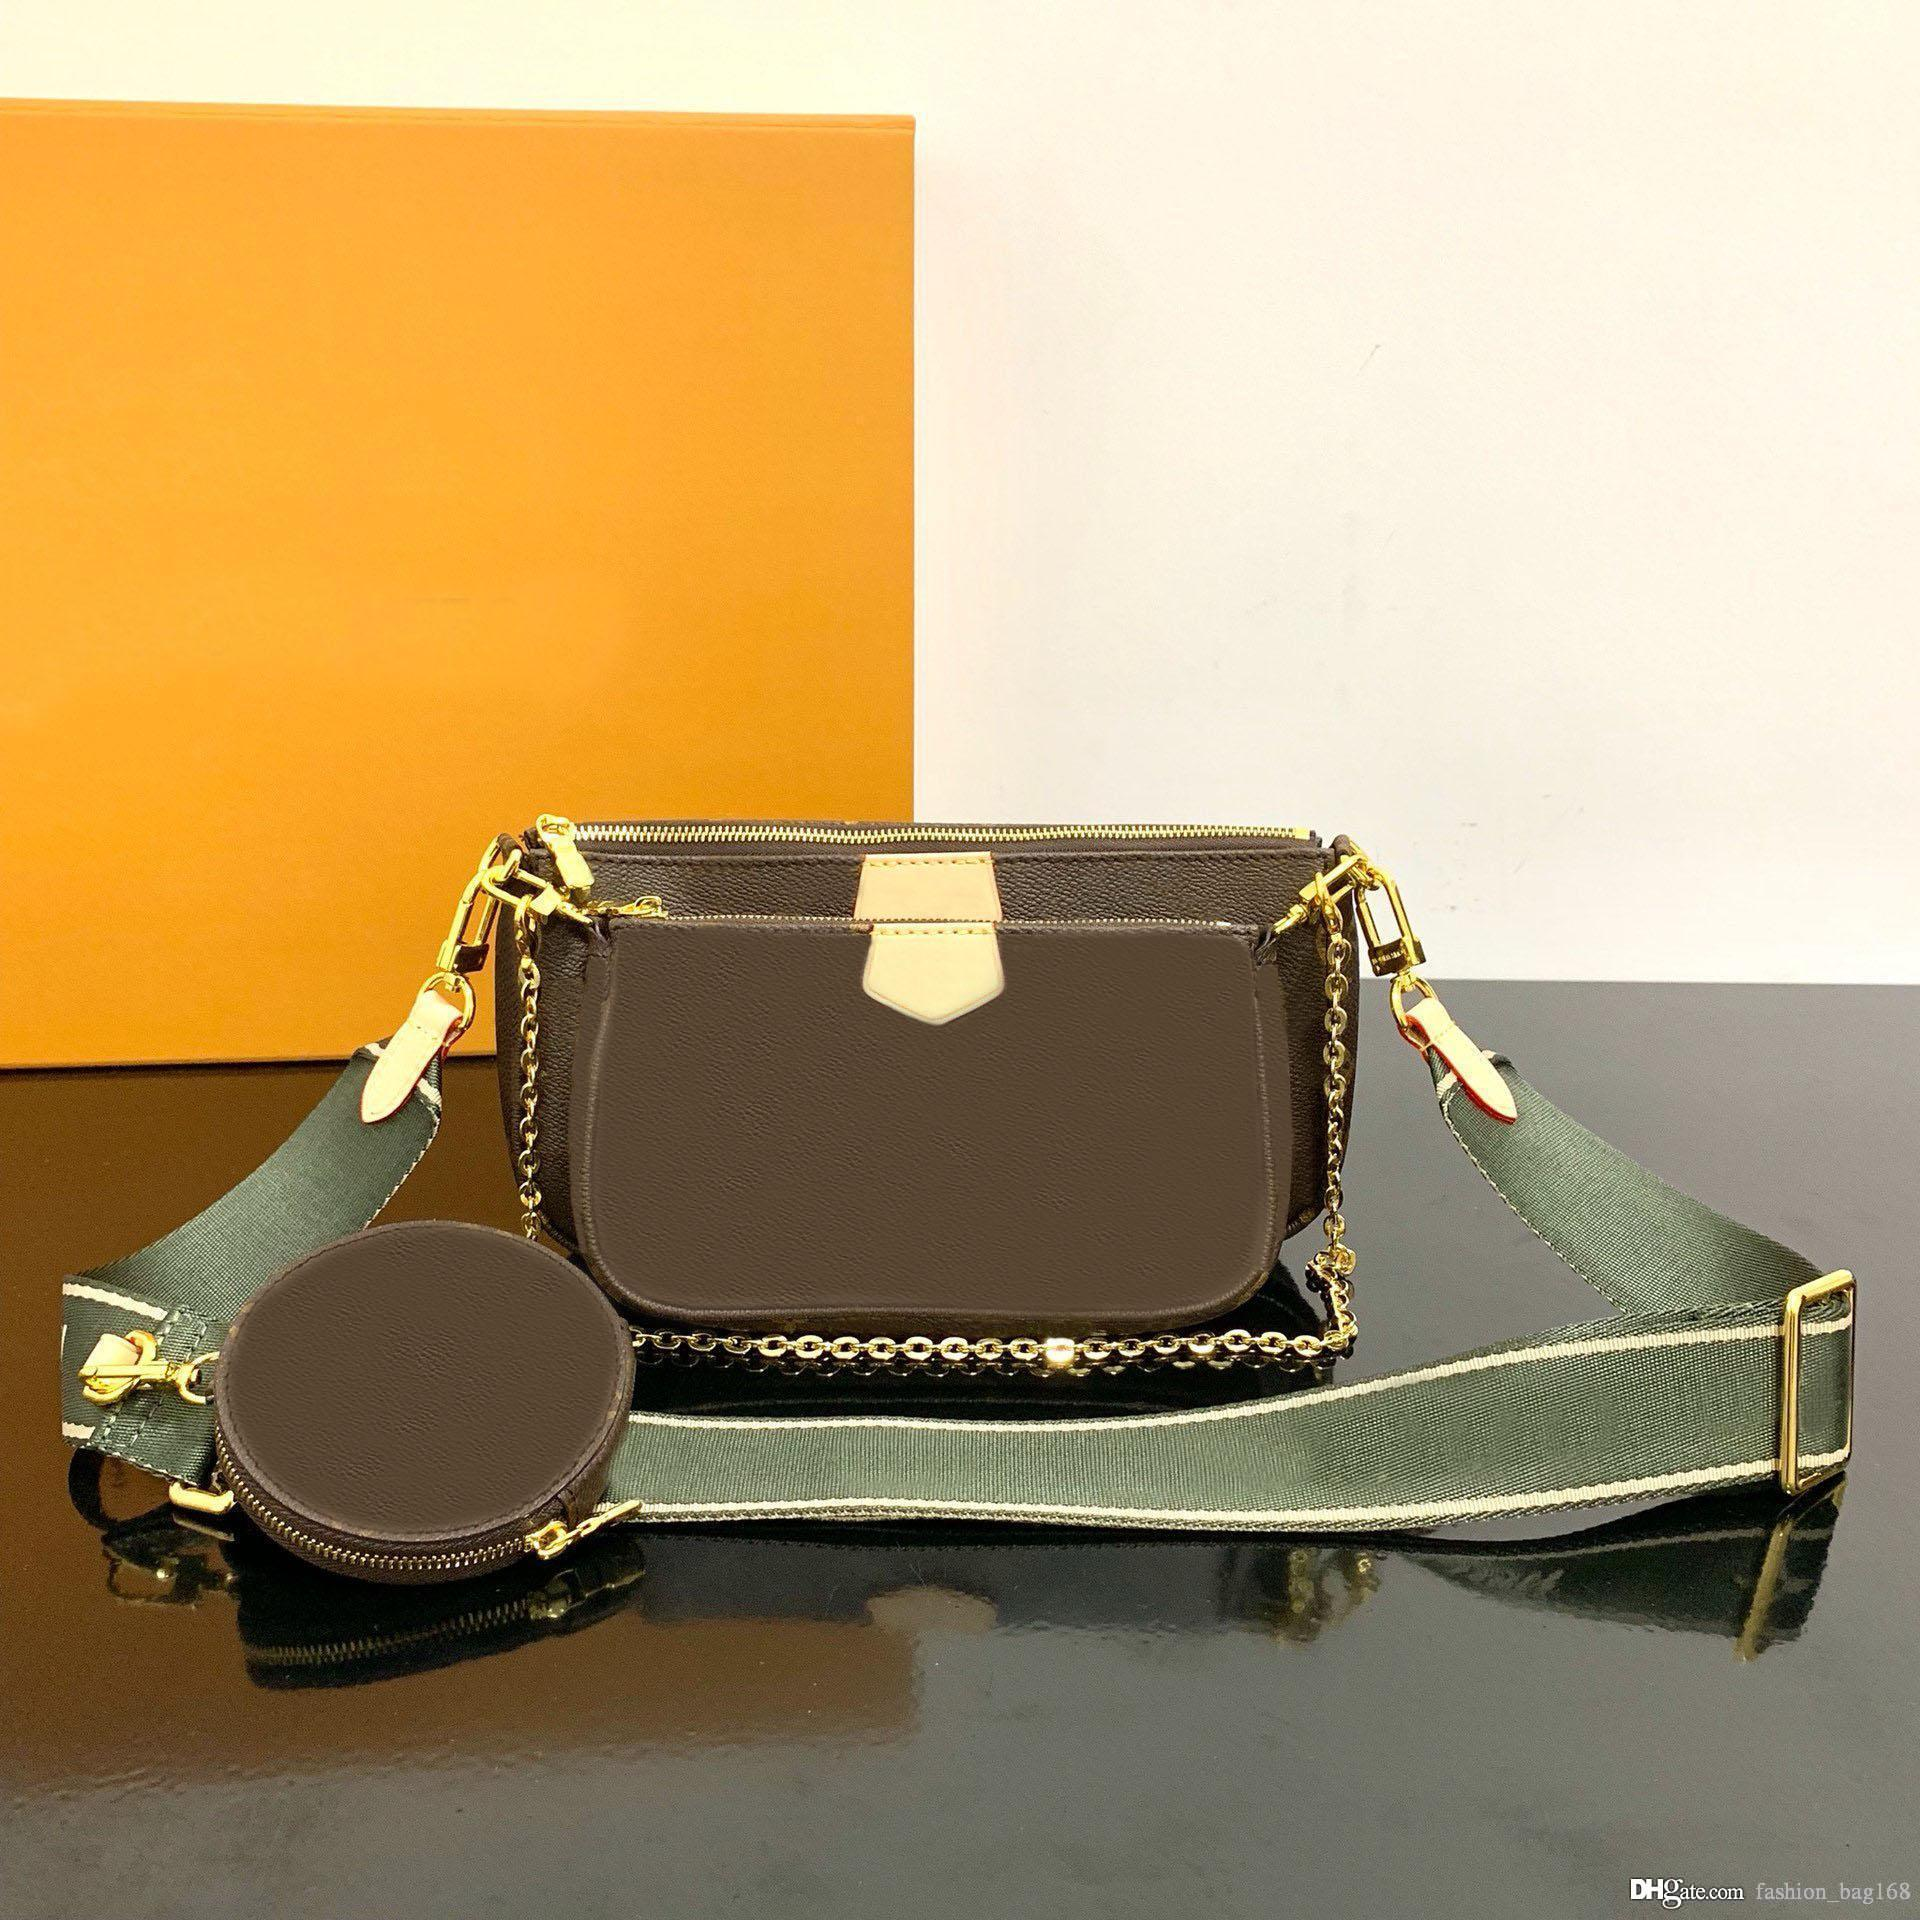 Neue Mode Kreuz Körper Frauen Tasche Braun Buchstaben Kleine Tasche Schulter Strap Bag Echtes Leder Hohe Qualität Münze Brieftasche Geldbörse Messenger Bags